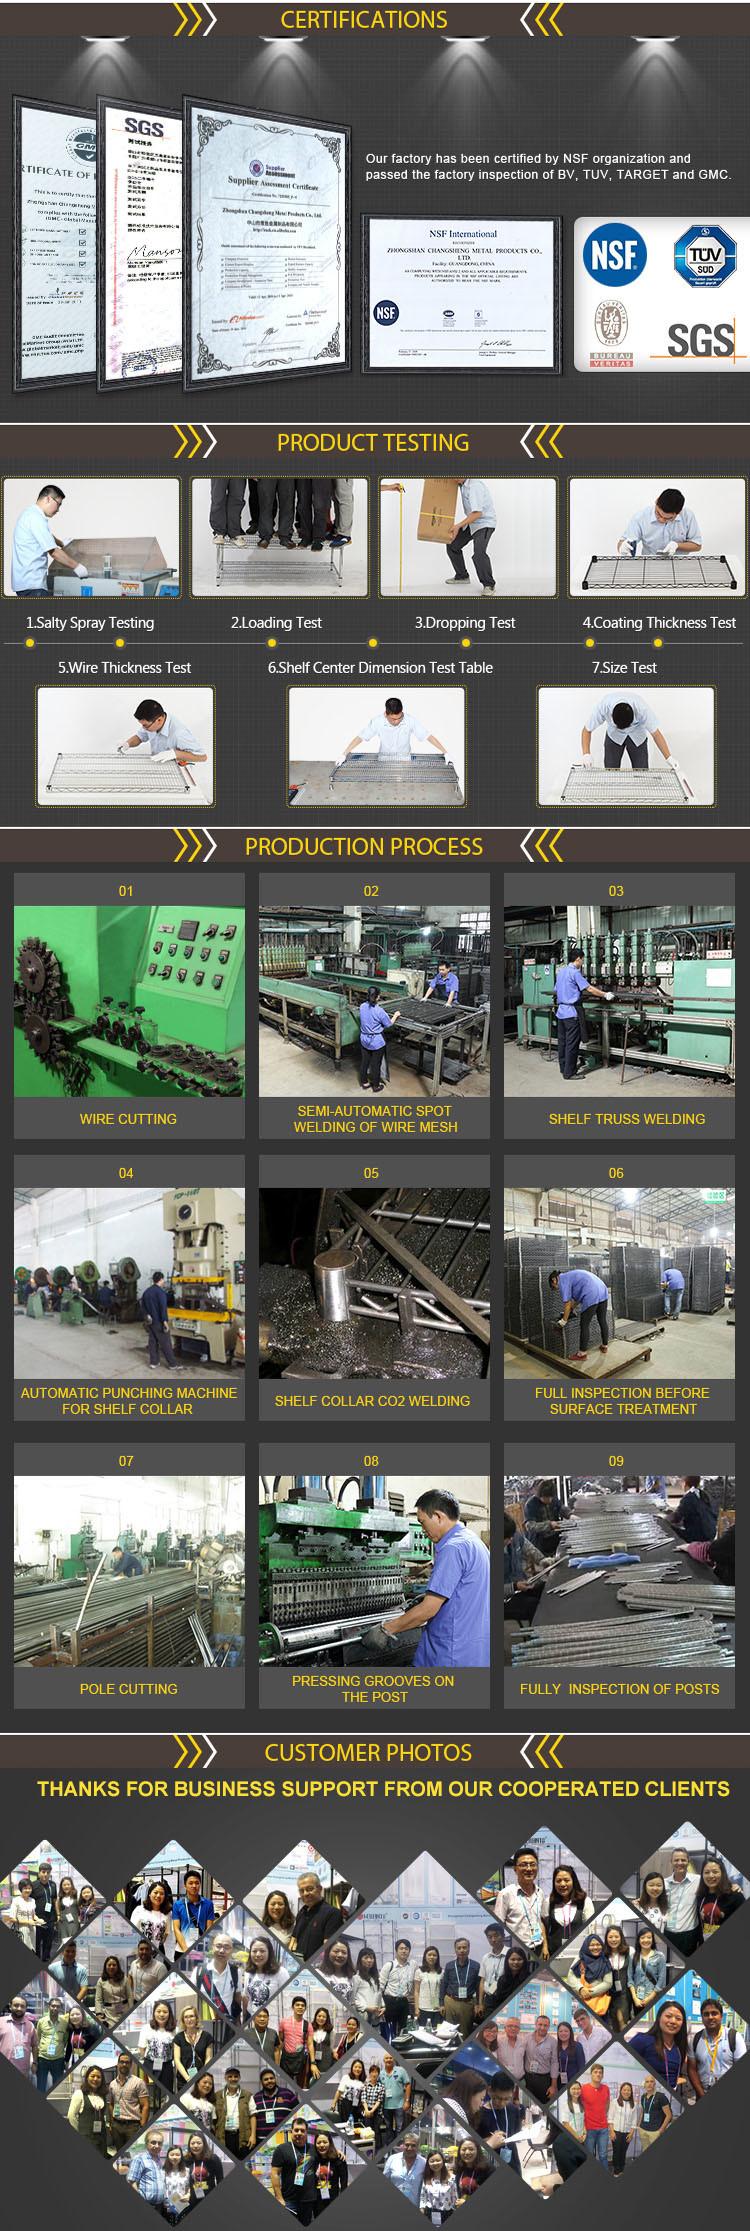 5 Tiers 350kgs Heavy Duty Warehouse Storage Steel Green Epoxy Coated Wire Shelving